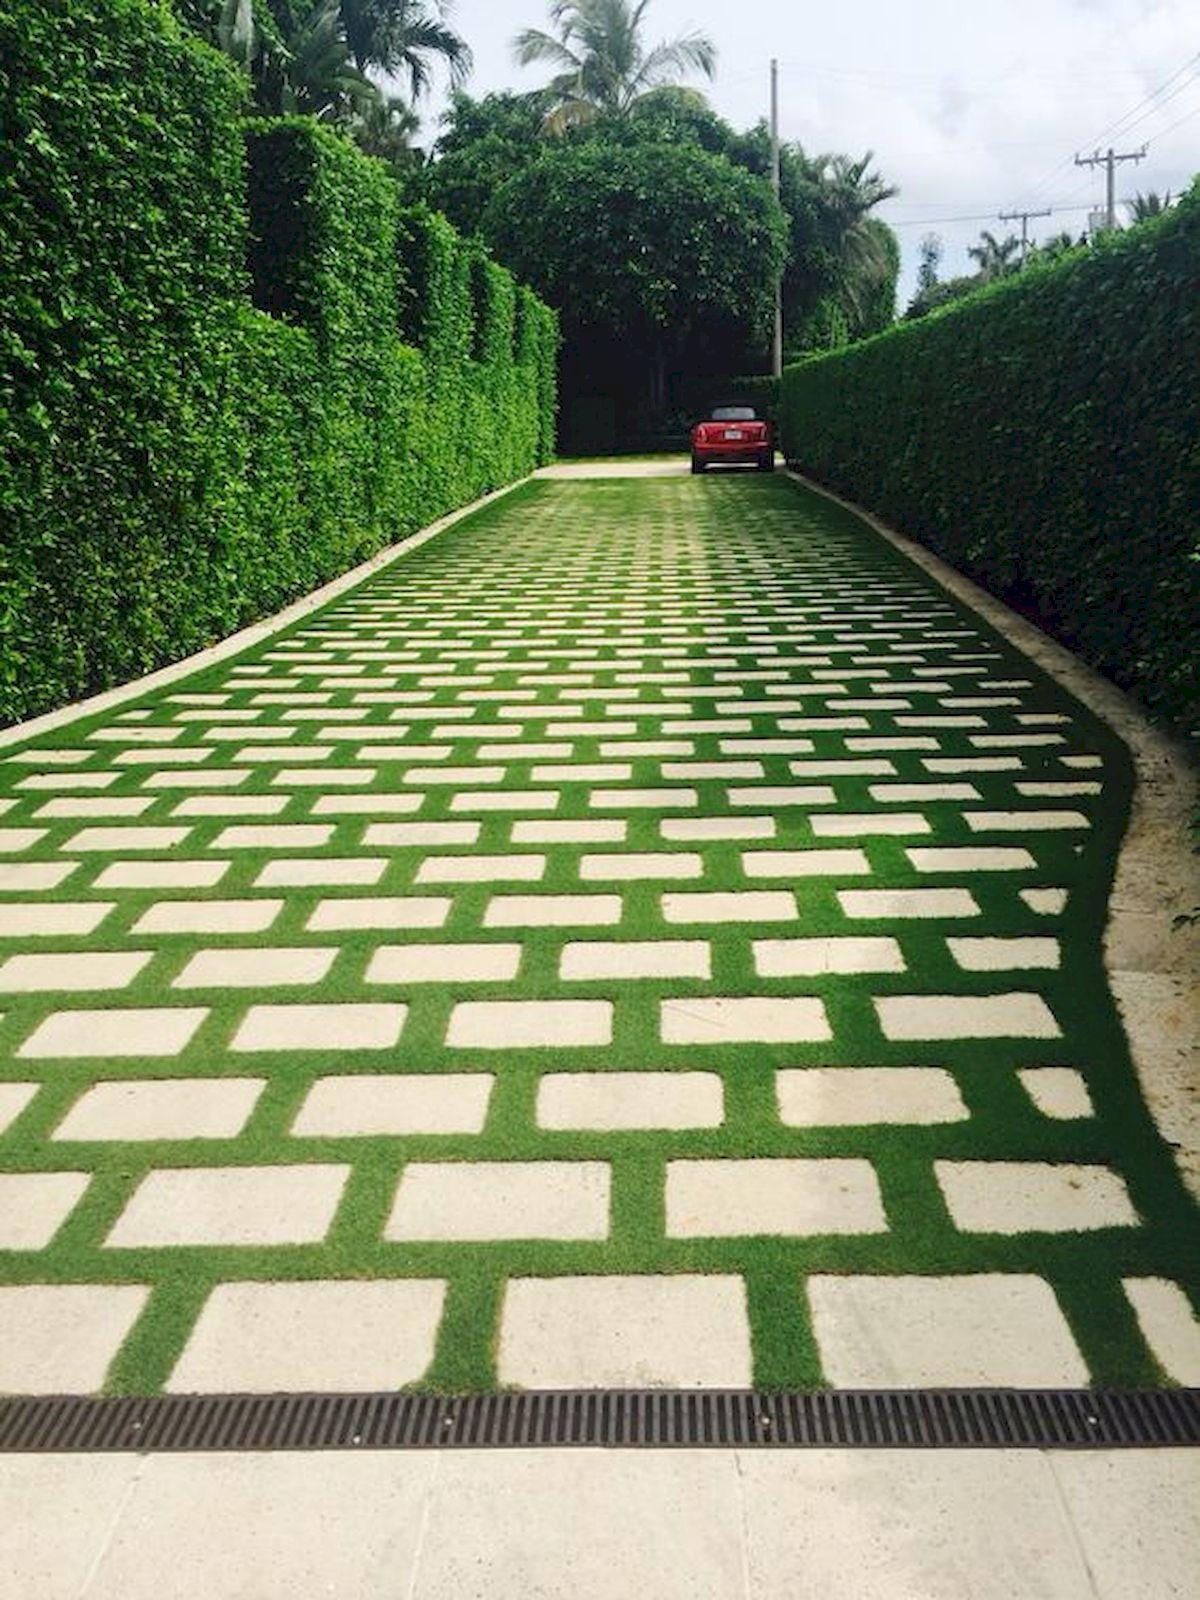 33 Best Garden Path And Walkway Ideas Design Ideas 12 33decor Backyard Landscaping Backyard Landscaping Designs Landscape Design